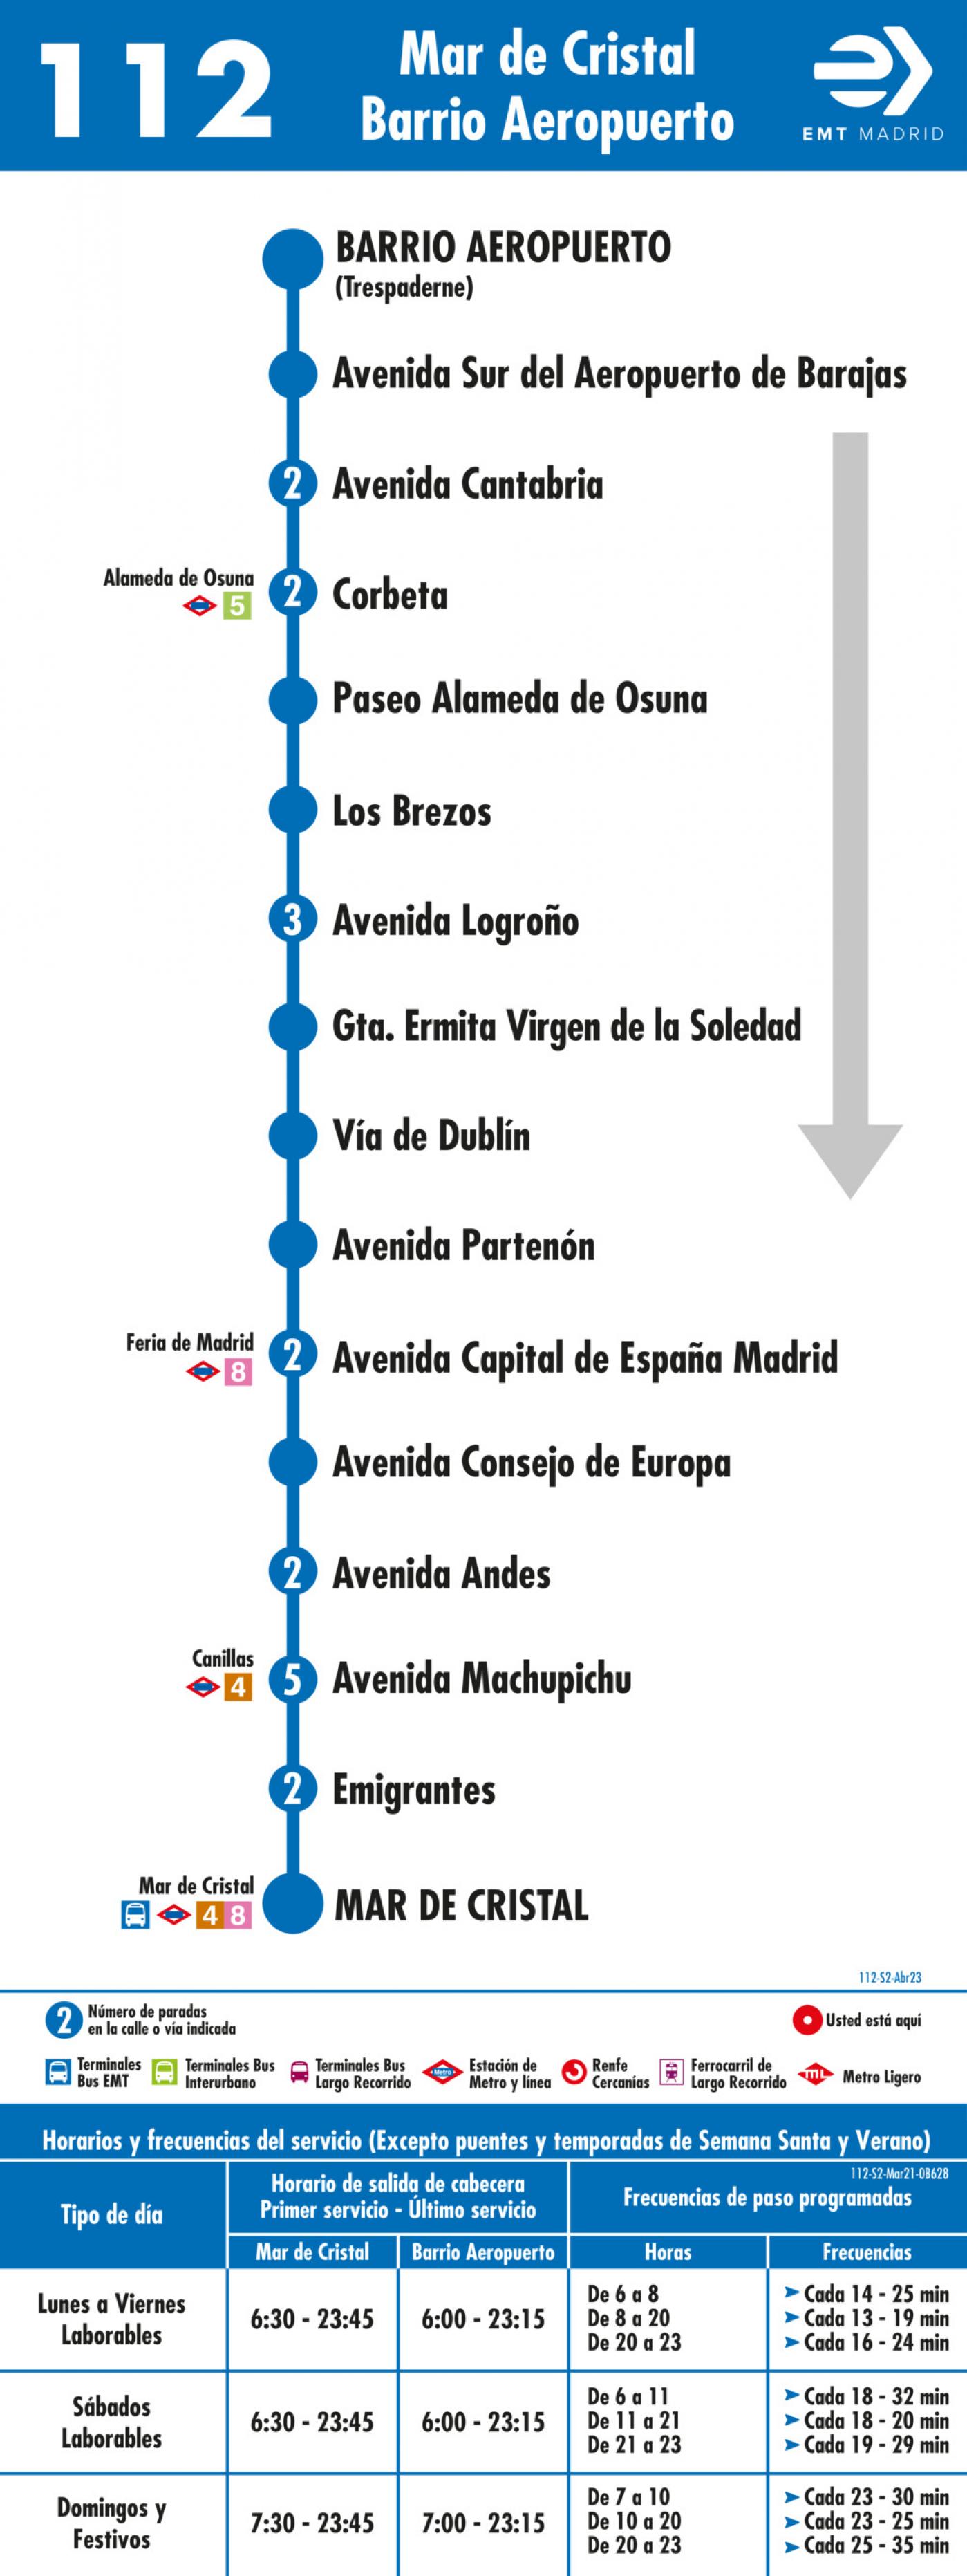 Tabla de horarios y frecuencias de paso en sentido vuelta Línea 112: Mar de Cristal - Barrio del Aeropuerto